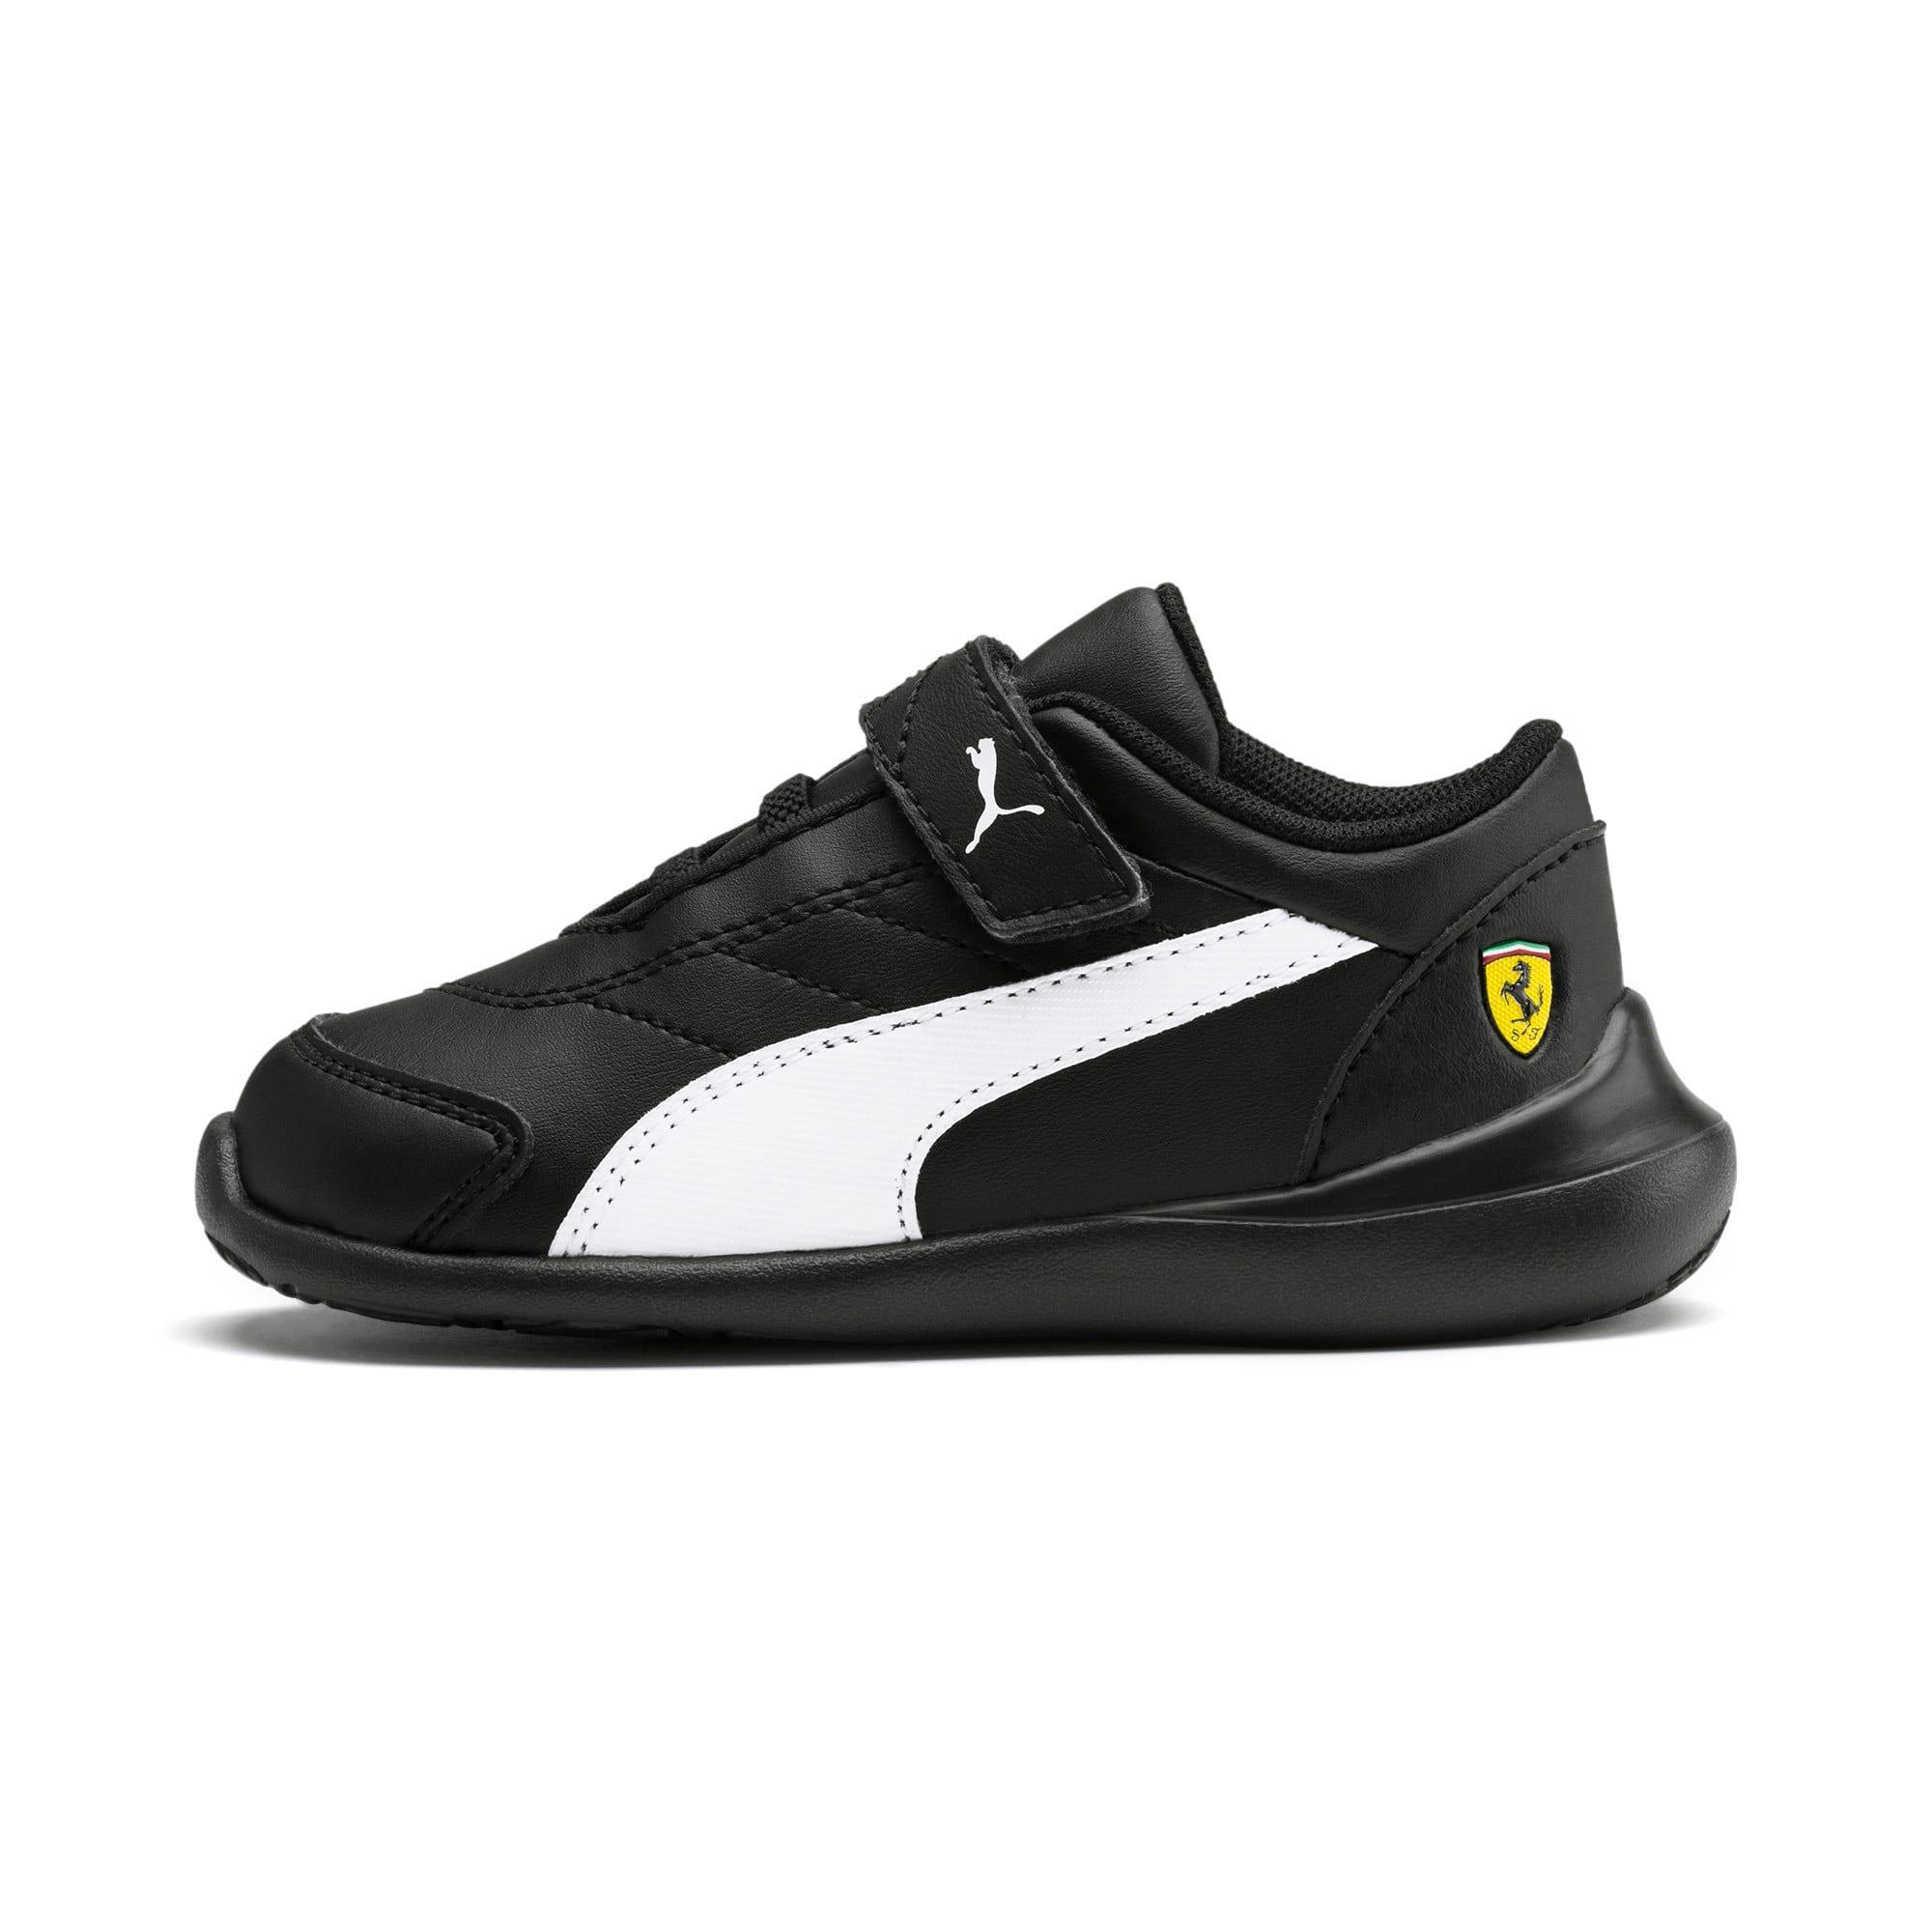 Miniatura 1 de Zapatos Scuderia Ferrari Kart Cat III para bebés, Black-White-Blazing Yellow, mediano